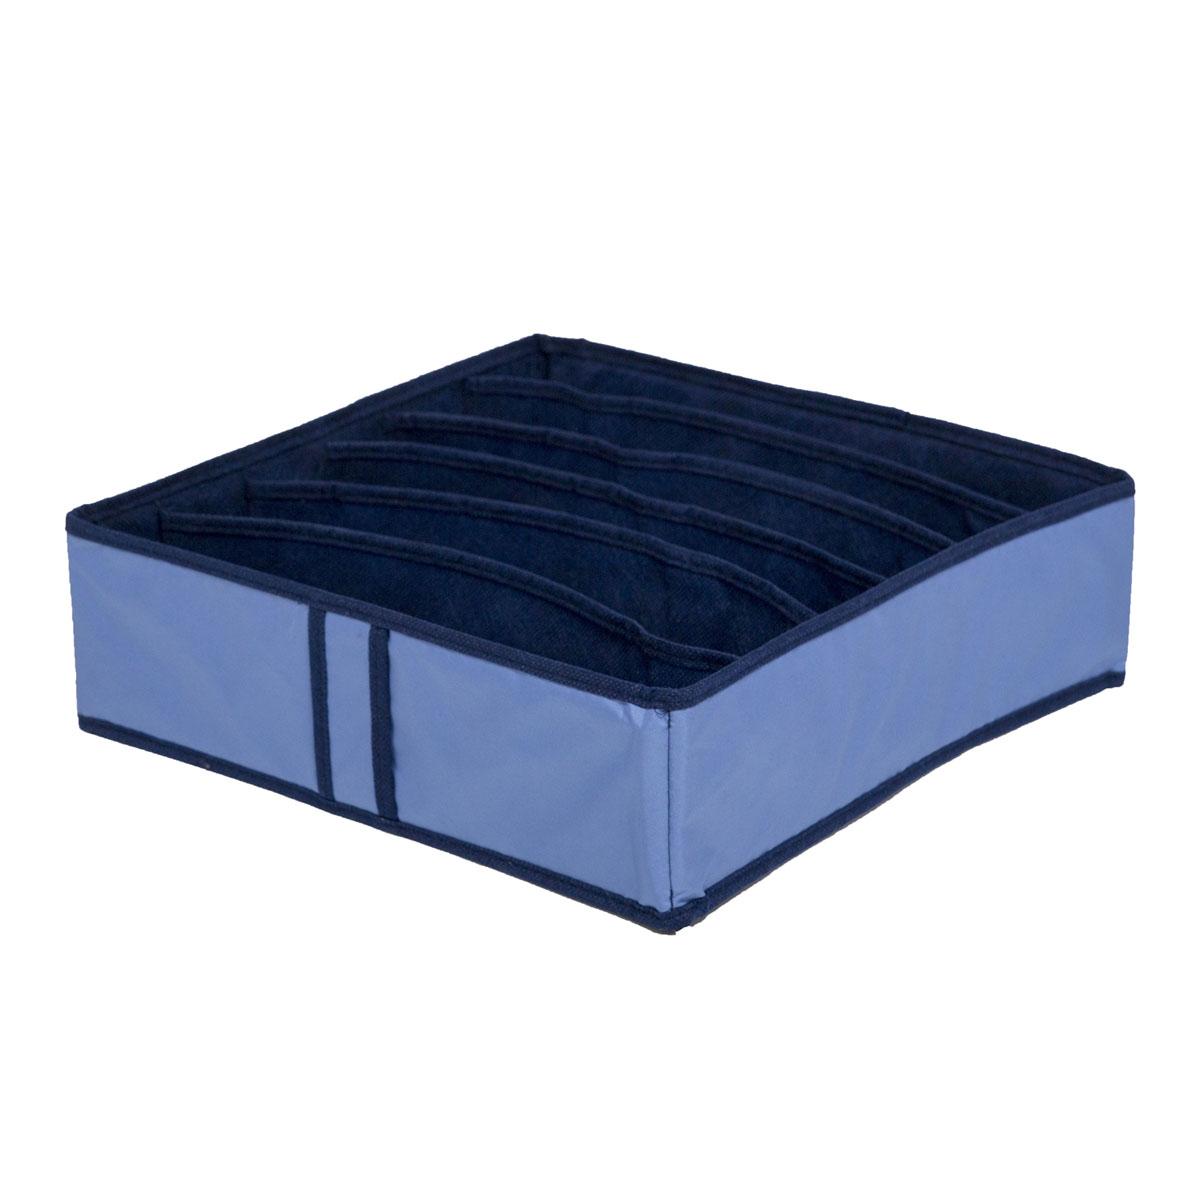 Органайзер для хранения вещей Homsu Bluе Sky, 6 секций, 35 x 35 x 10 смTD 0033Компактный органайзер Homsu Bluе Sky изготовлен из высококачественного полиэстера, который обеспечивает естественную вентиляцию. Материал позволяет воздуху свободно проникать внутрь, но не пропускает пыль. Органайзер отлично держит форму, благодаря вставкам из плотного картона. Изделие имеет 6 квадратных секций для хранения нижнего белья, колготок, носков и другой одежды.Такой органайзер позволит вам хранить вещи компактно и удобно.